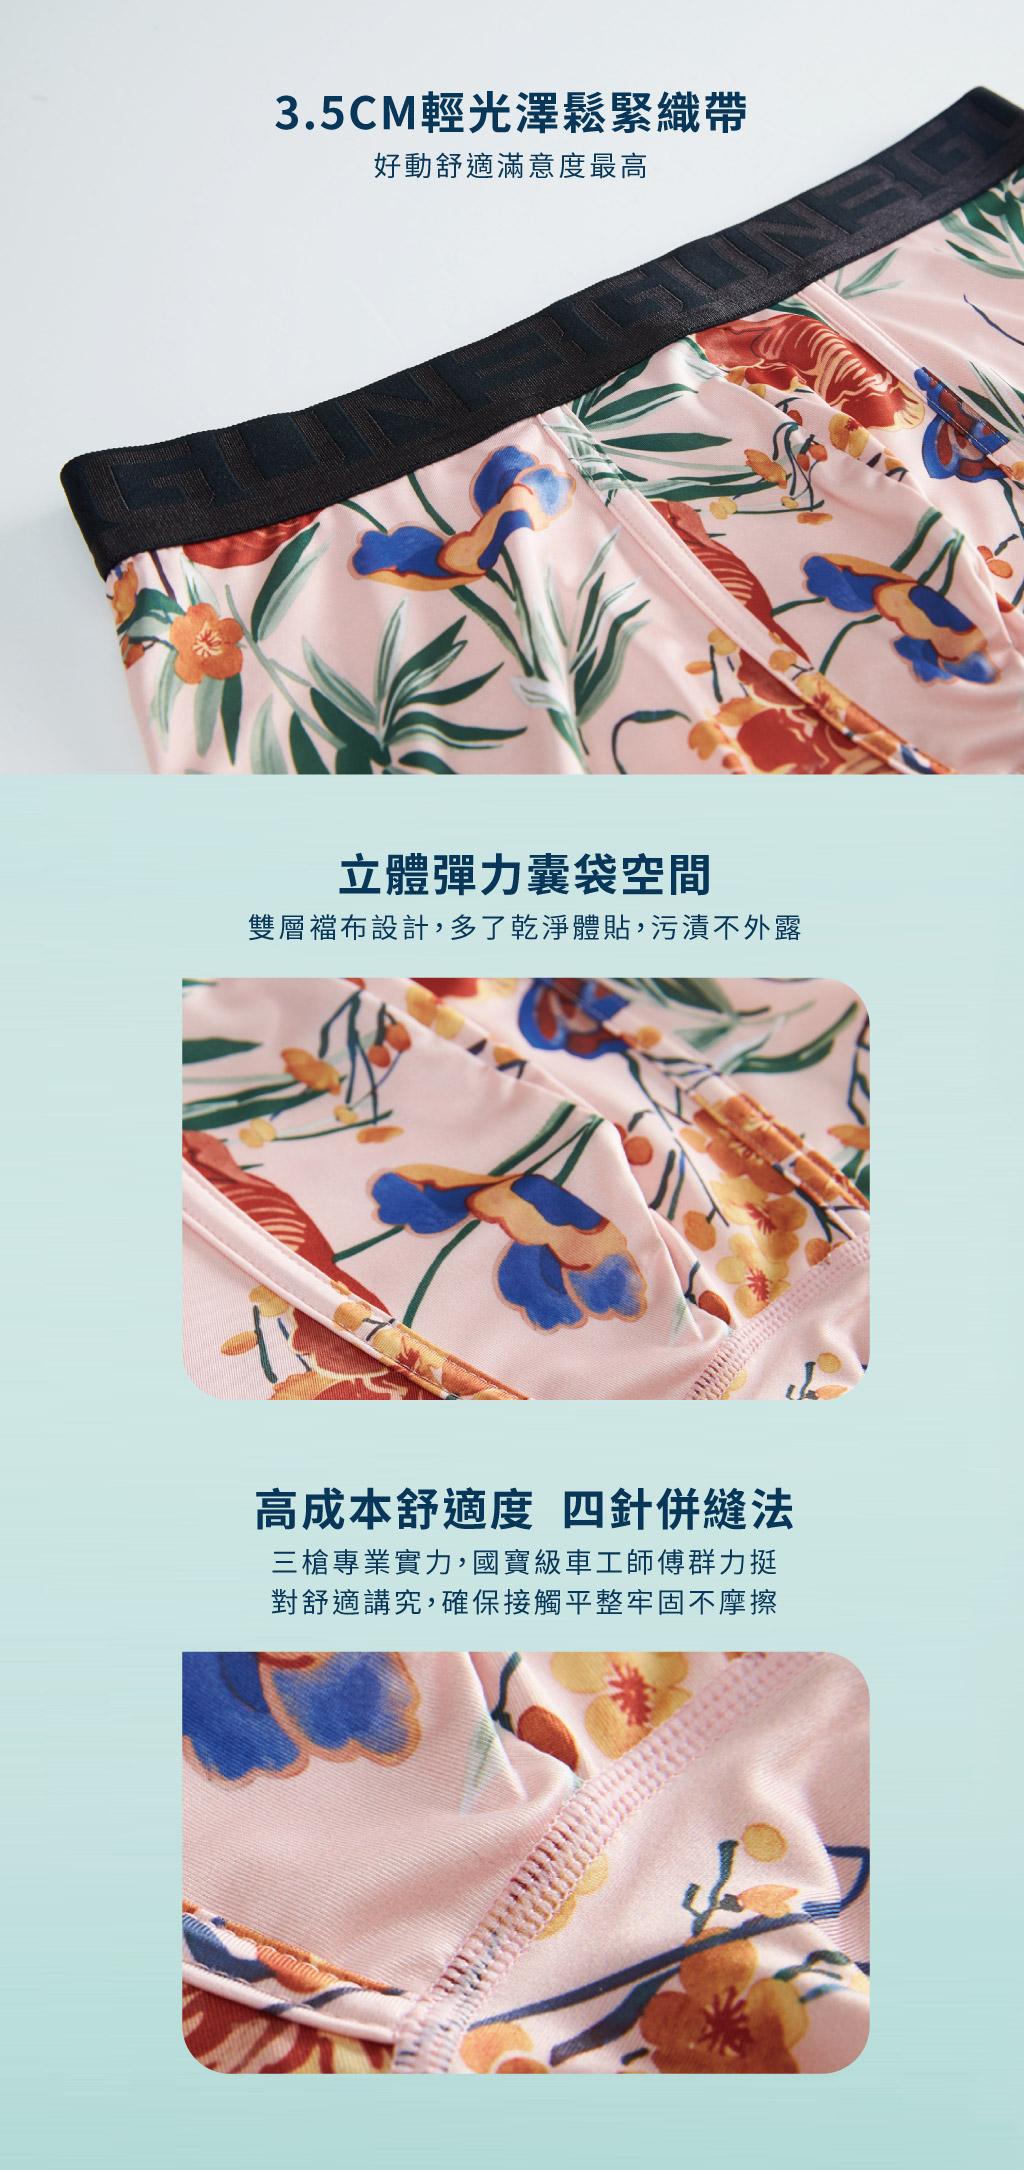 東方風雅男永效吸排三角褲-限量印花-3GUN |男性時尚內衣褲MIT品牌